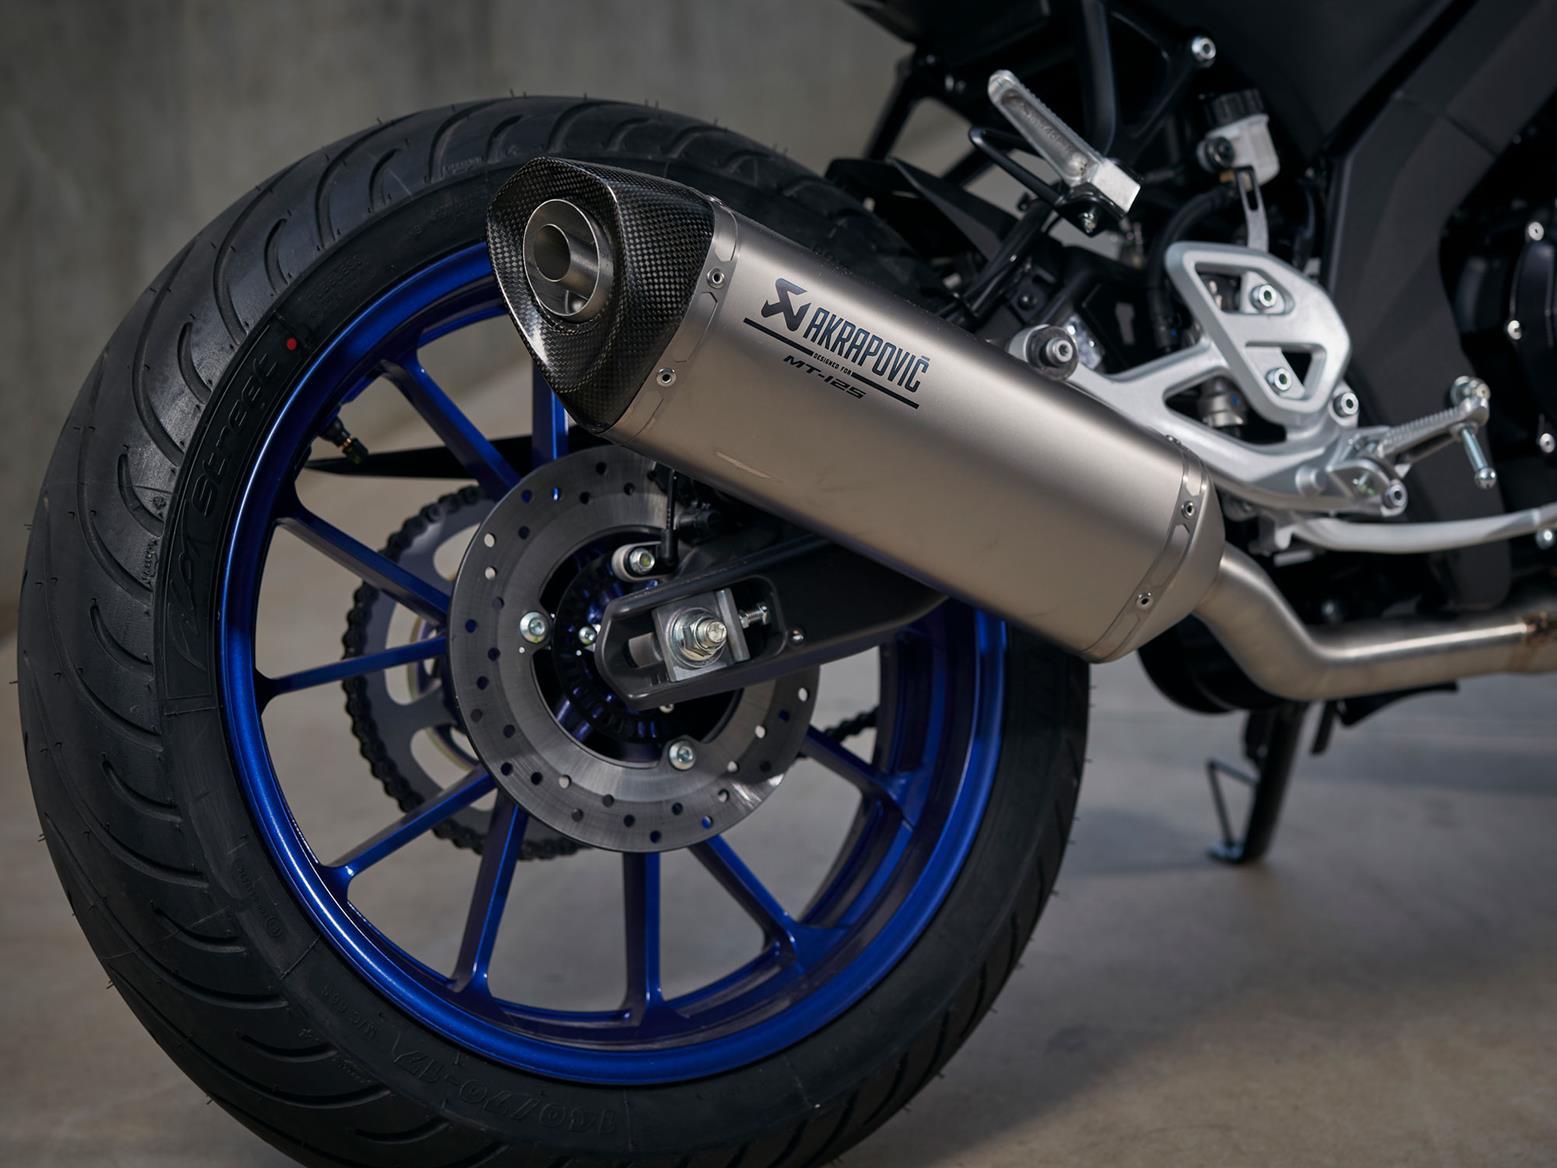 Optional Akrapovic exhaust on 2020 Yamaha MT-125